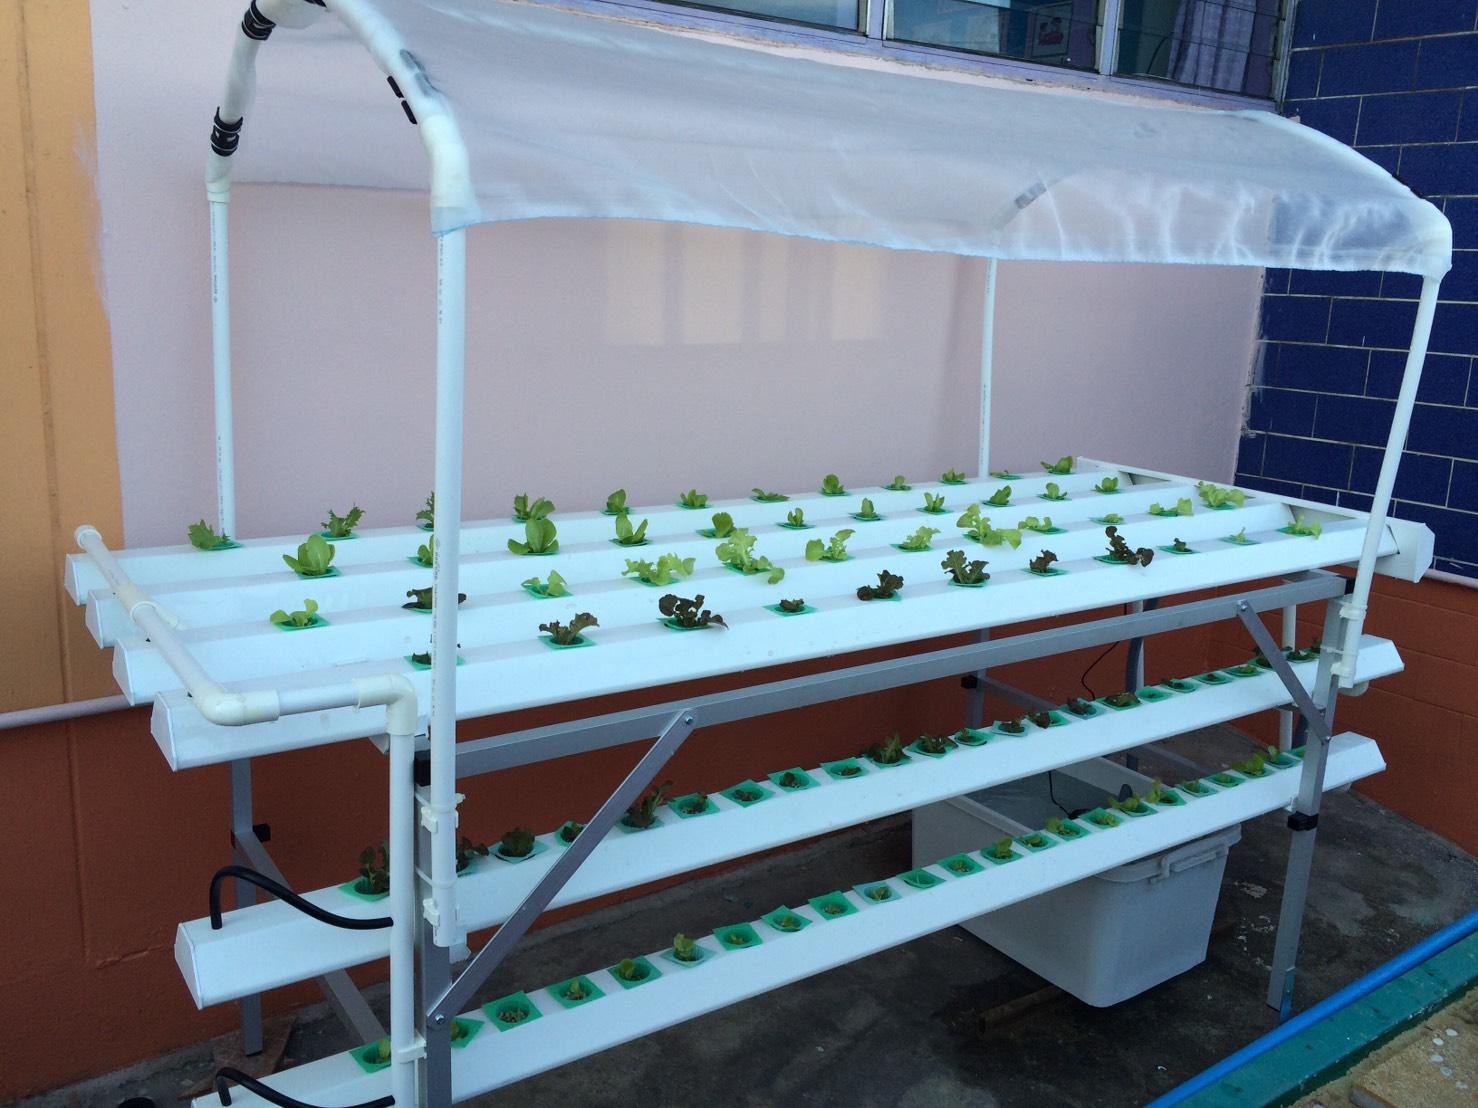 ชุดปลูกผักไฮโดรโปนิกส์ แบบตั้งโต๊ะ ขนาด 2 m. 4 รางปลูก+2รางอนุบาล